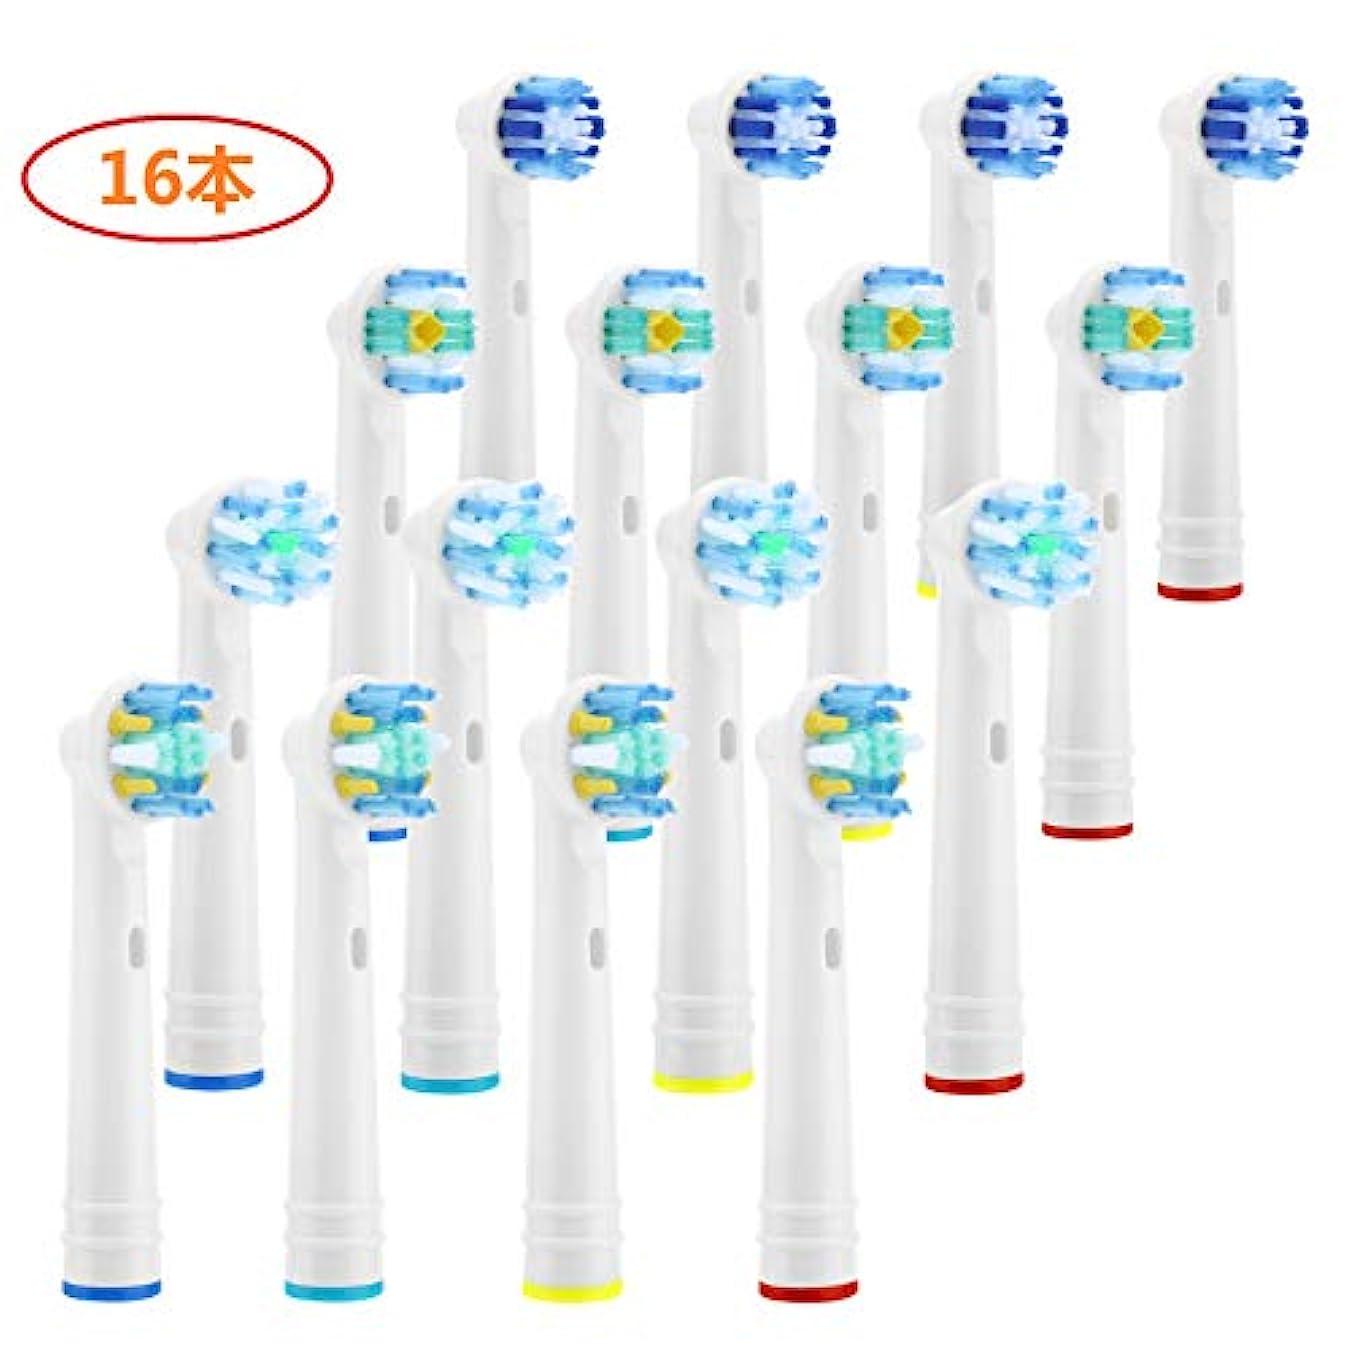 ハンマーお母さん失業者電動歯ブラシ 替えブラシブラウン オーラルB 対応 替えブラシ 16本 (蓝)